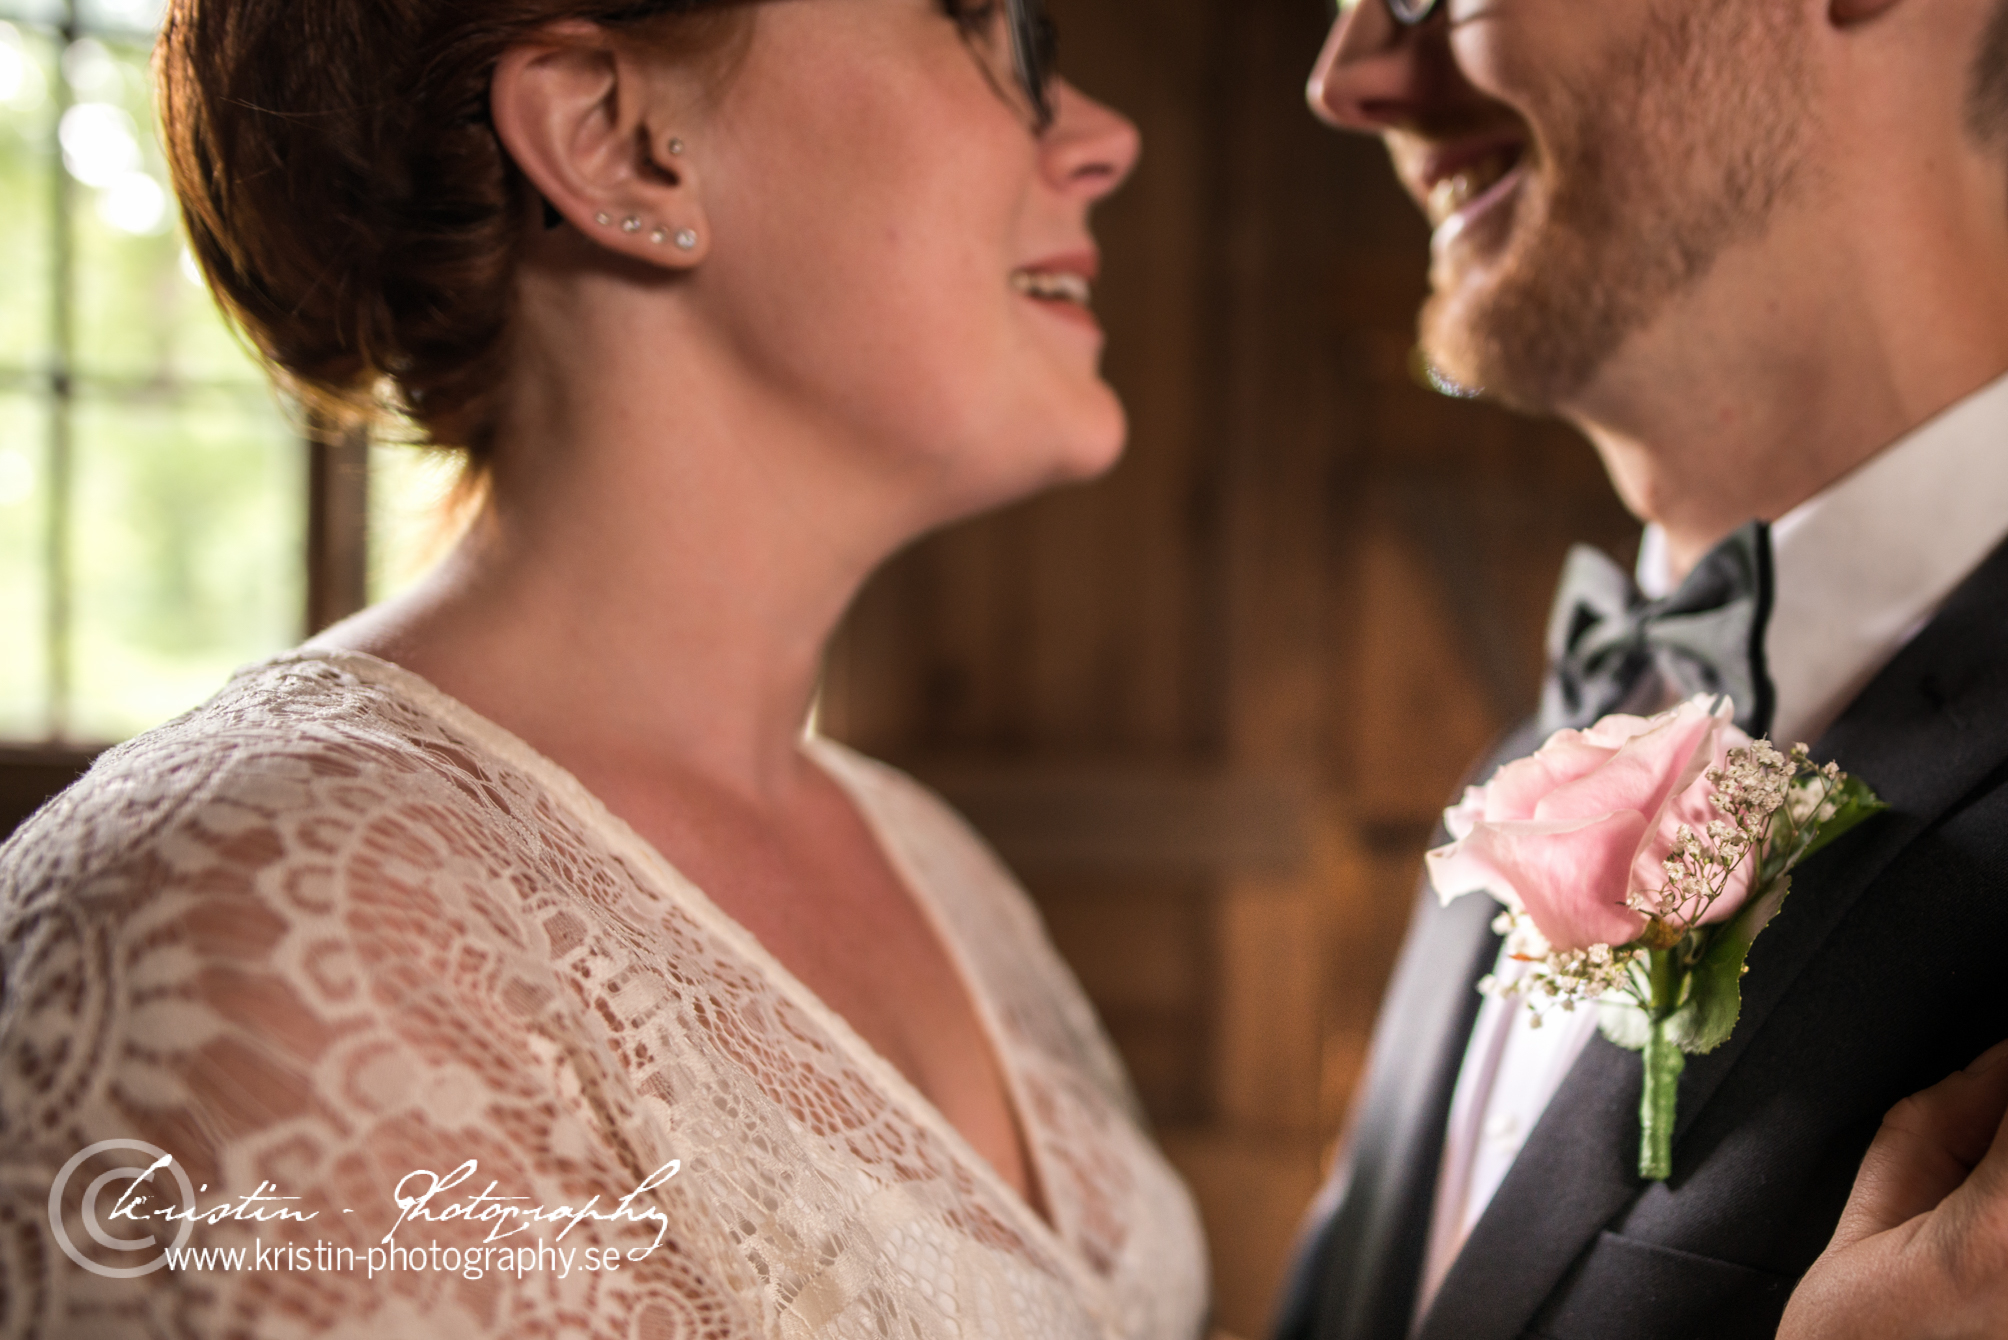 Bröllopsfotograf i Eskilstuna, Kristin - Photography, newborn-8.jpg